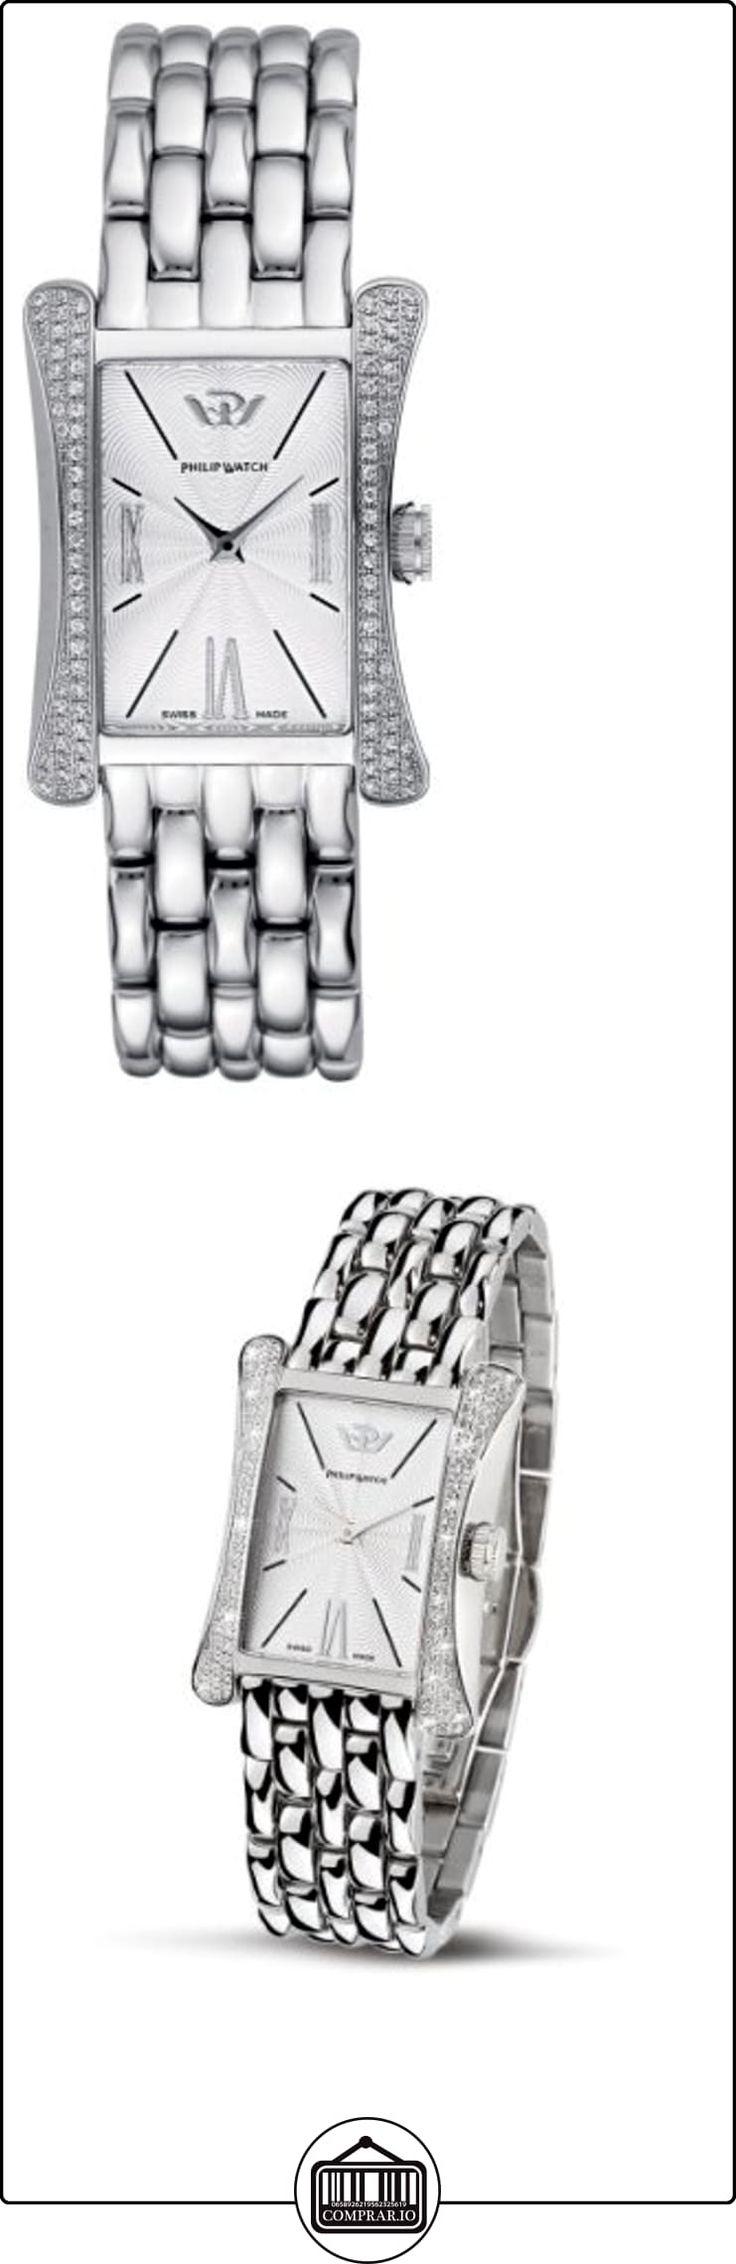 Philip Watch R8253185543 - Reloj de mujer de cuarzo, correa de acero inoxidable color plata  ✿ Relojes para mujer - (Lujo) ✿